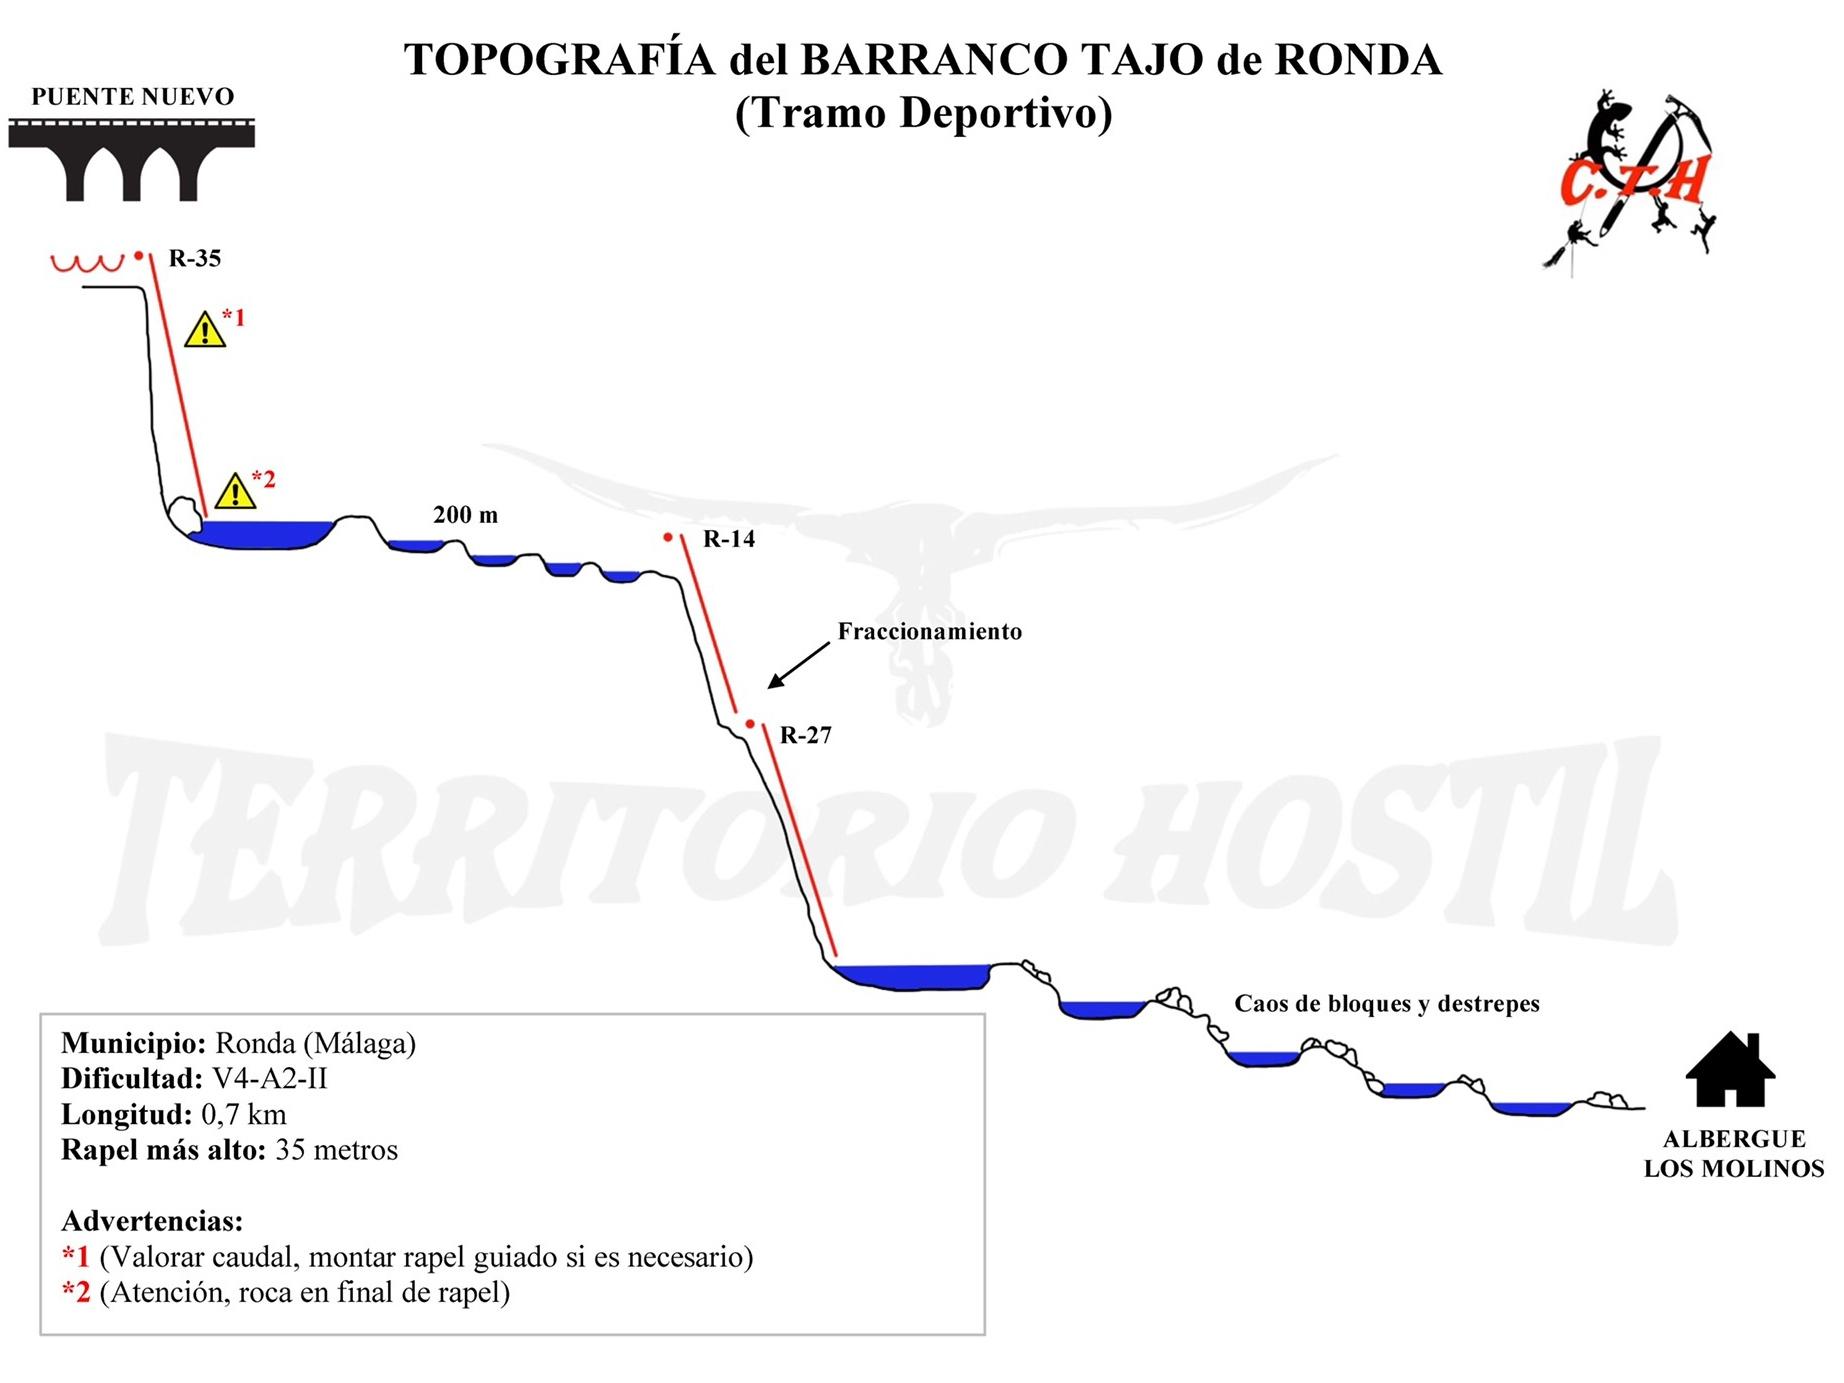 Barranco Tajo Ronda